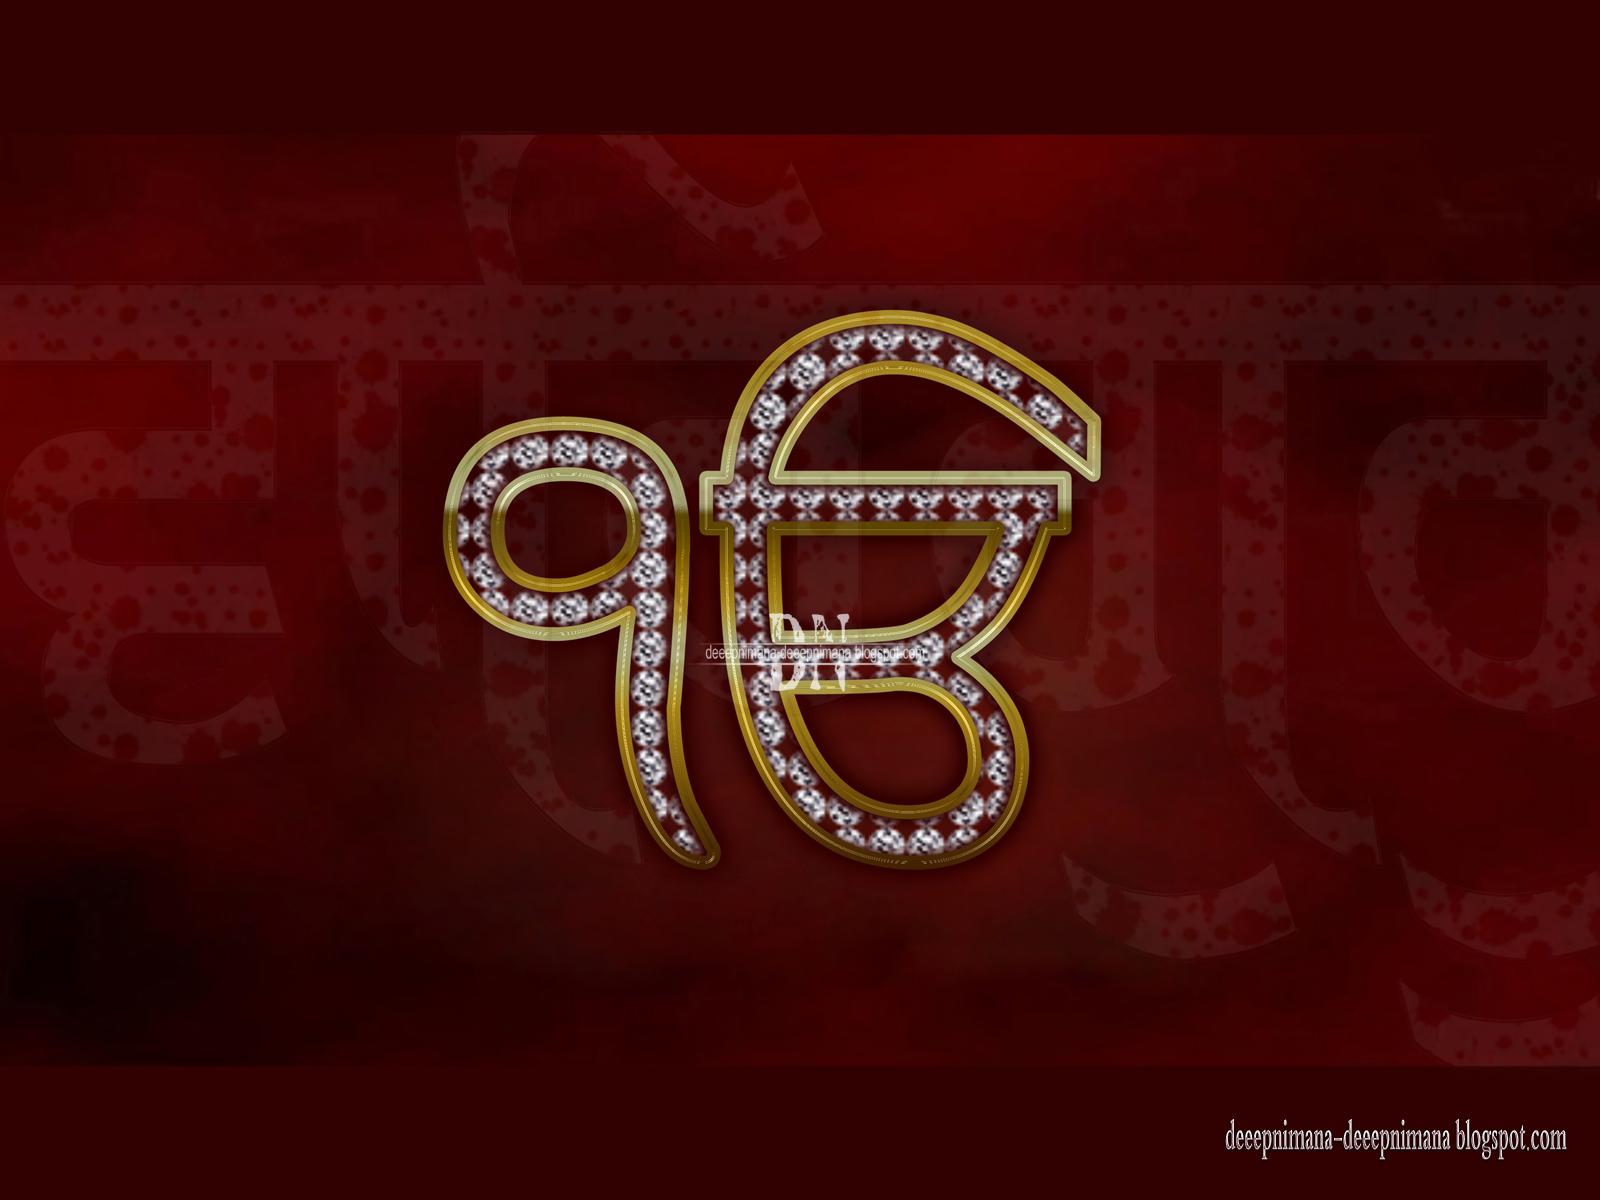 ek onkar essay Handicraftstore lord sikh guru, guru nanak dev ji doing meditation and giving blessings with ek onkar symbol in hand, a sikh religious poster with framing for sikh religious purpose.